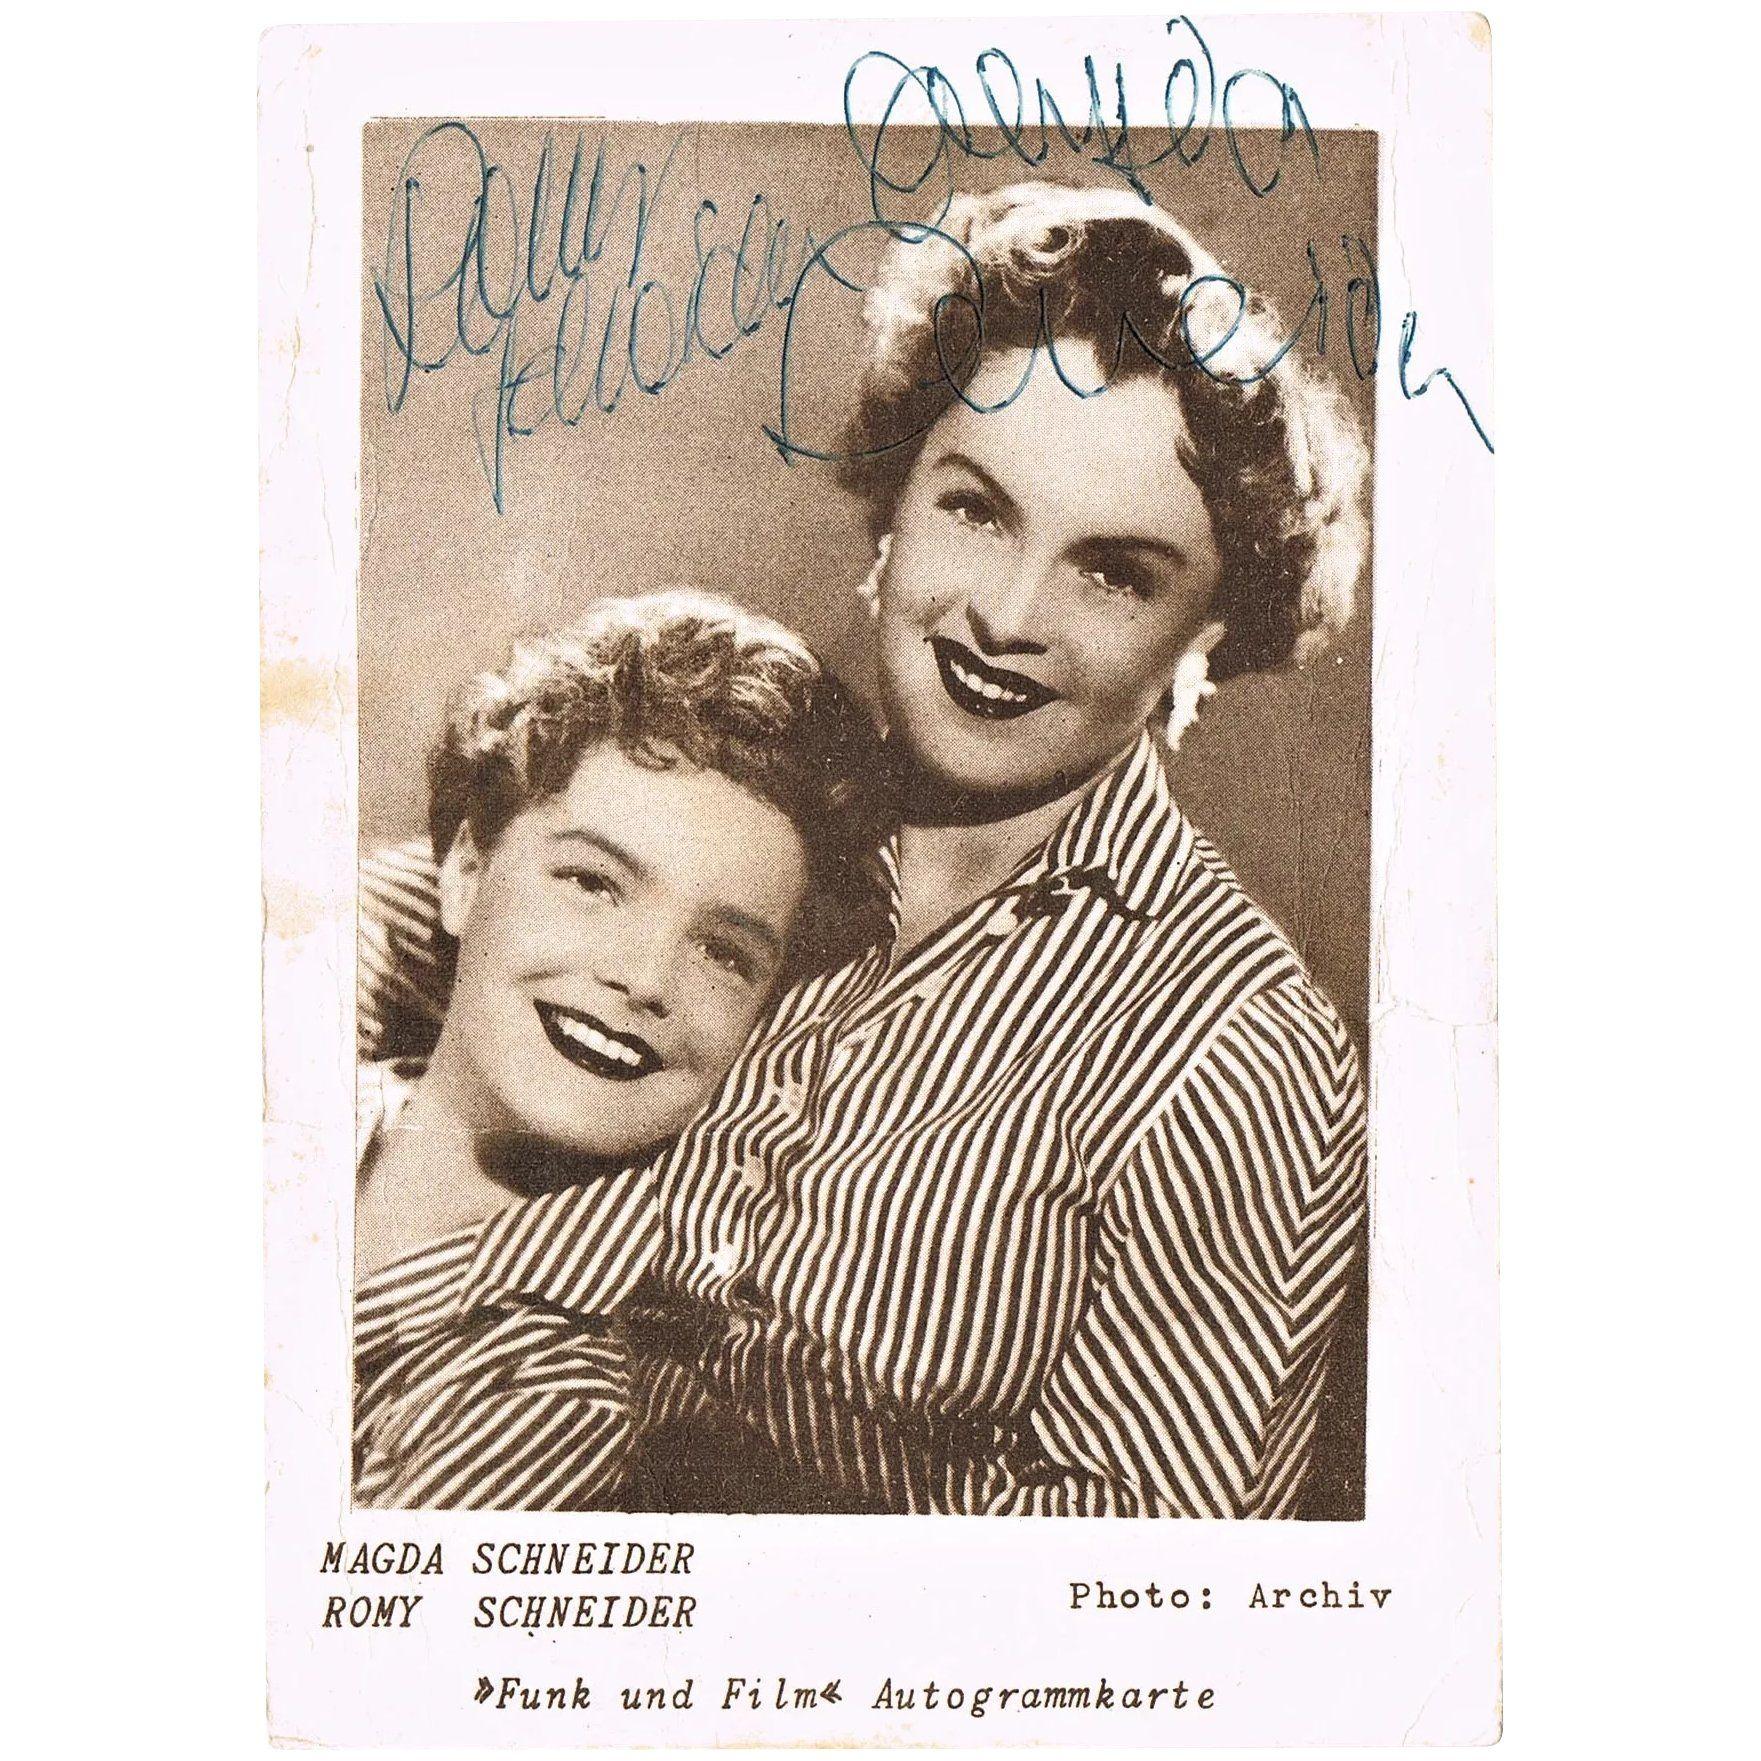 Romy Schneider And Magda Schneider Autographs On Postcard Coa Romy Schneider Magda Schneider Postcard